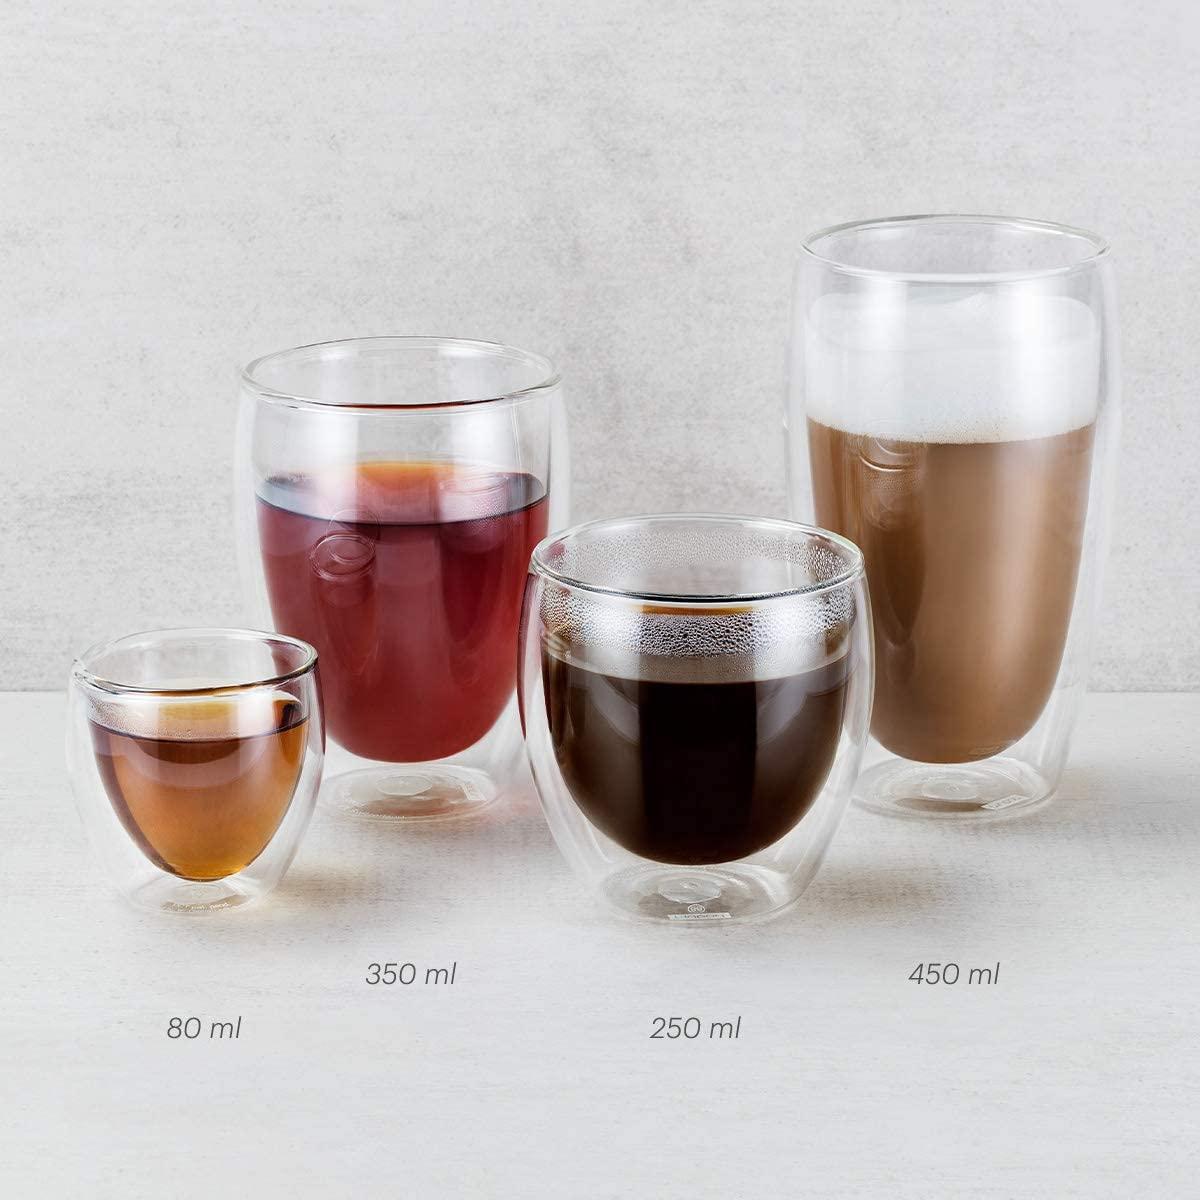 PAVINA(パヴィーナ)ダブルウォールグラス  2個セット 350ml  4559-10Jの商品画像2